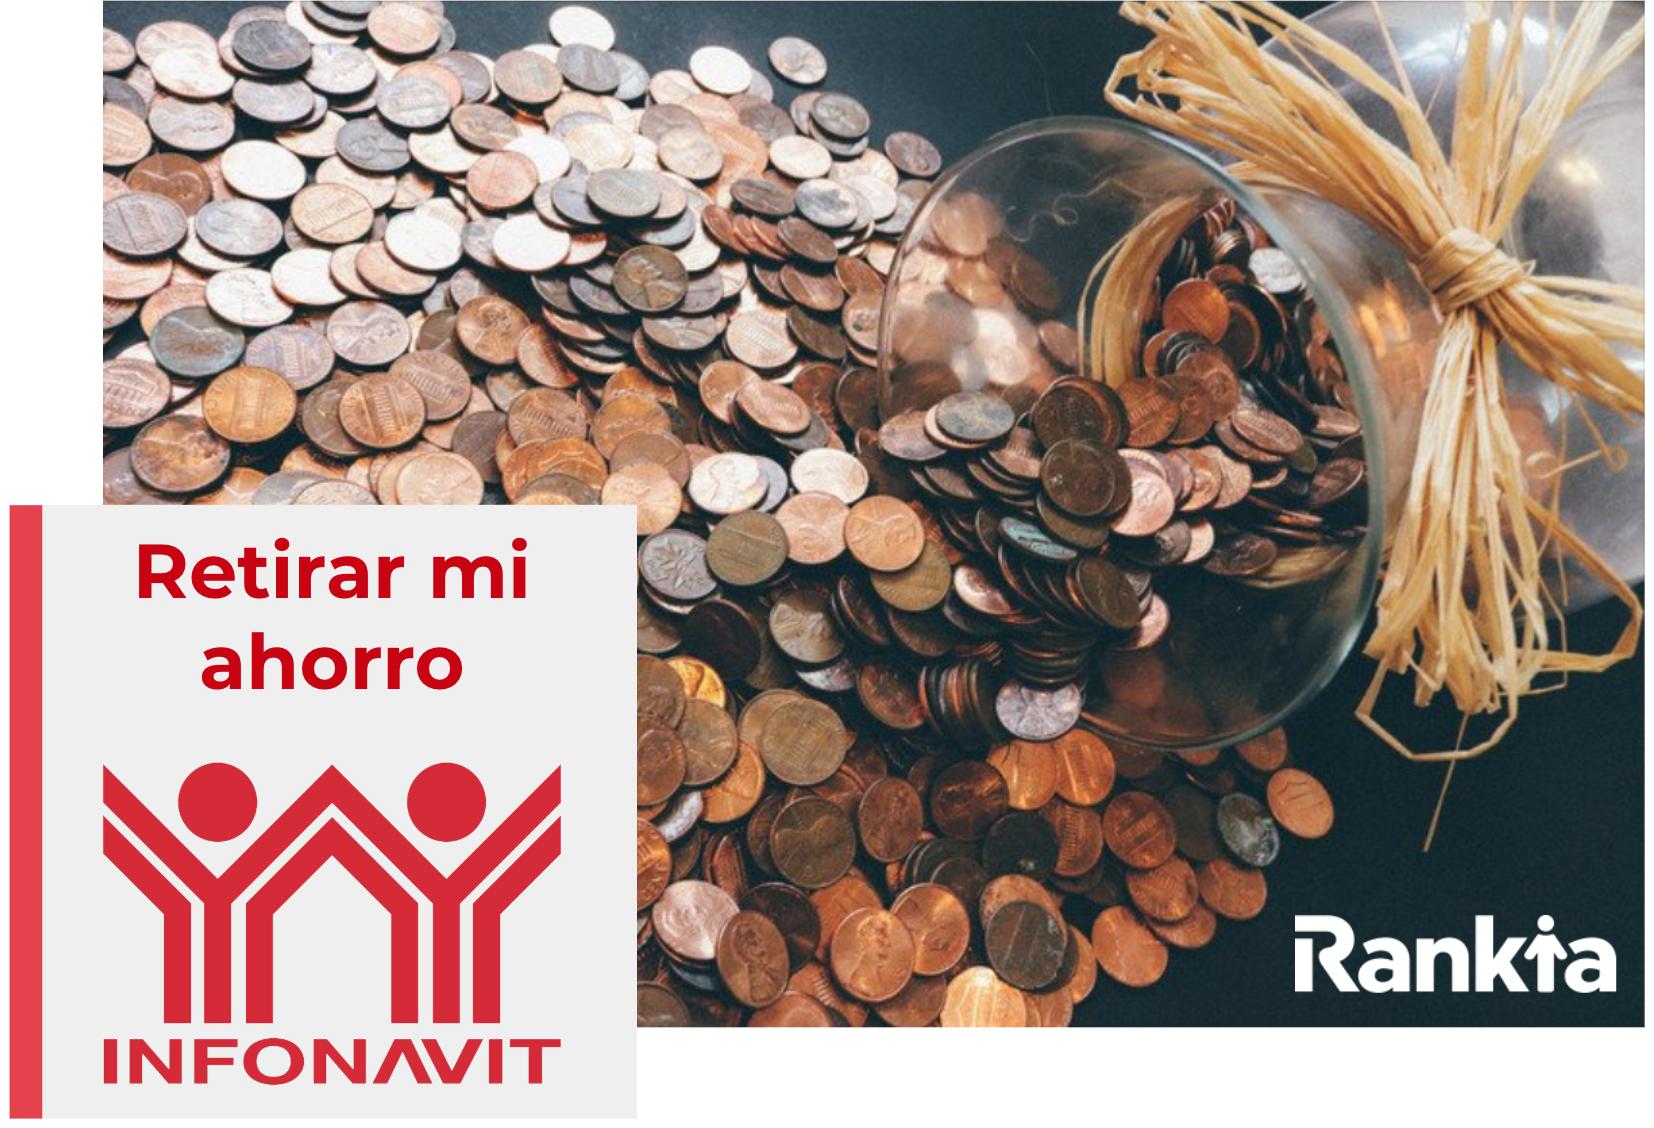 Retirar tu ahorro de Infonavit